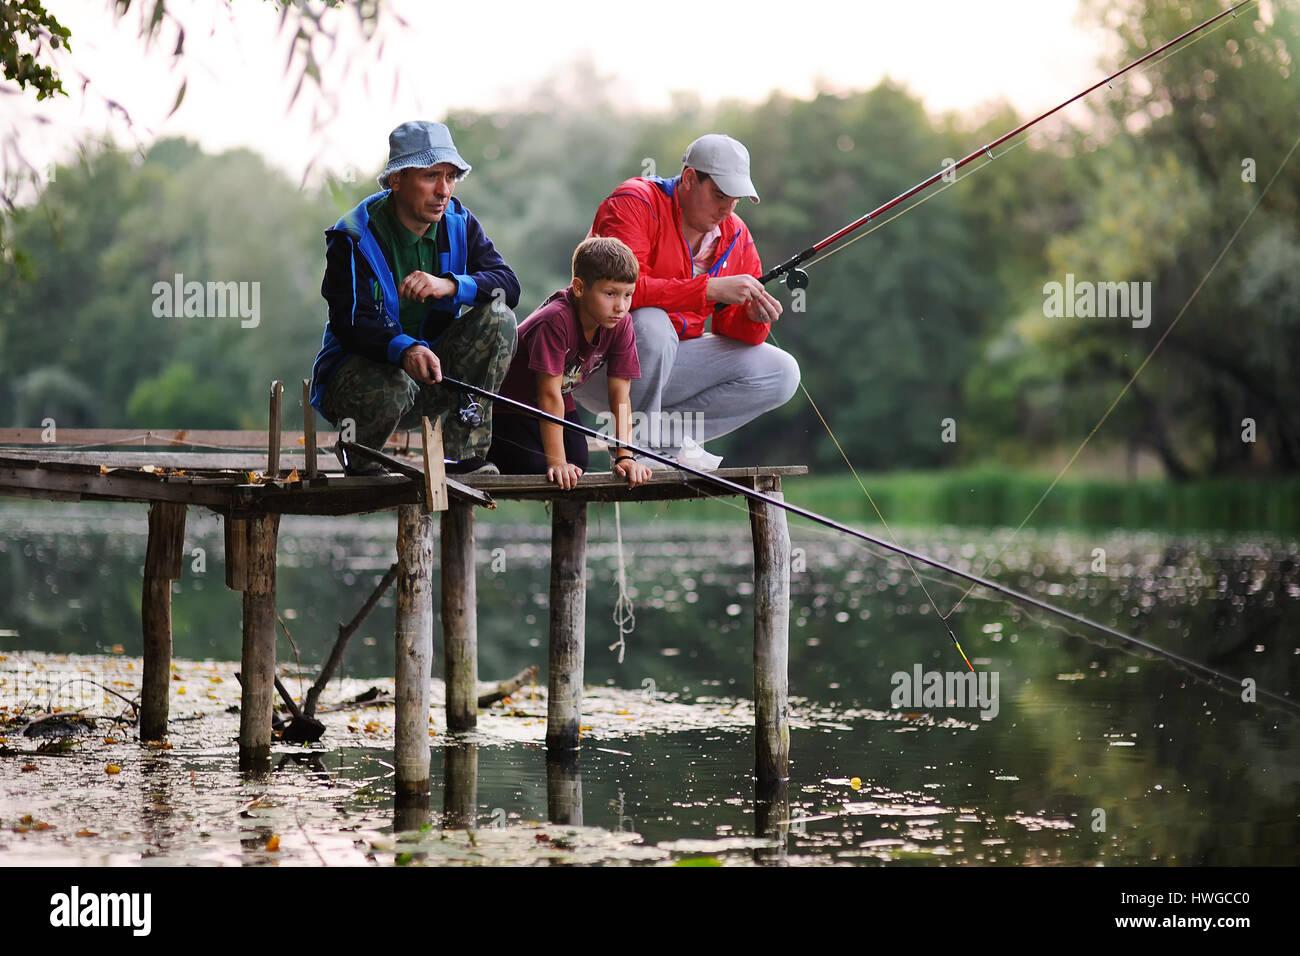 Deux pêcheurs pêcher debout sur le pont Photo Stock